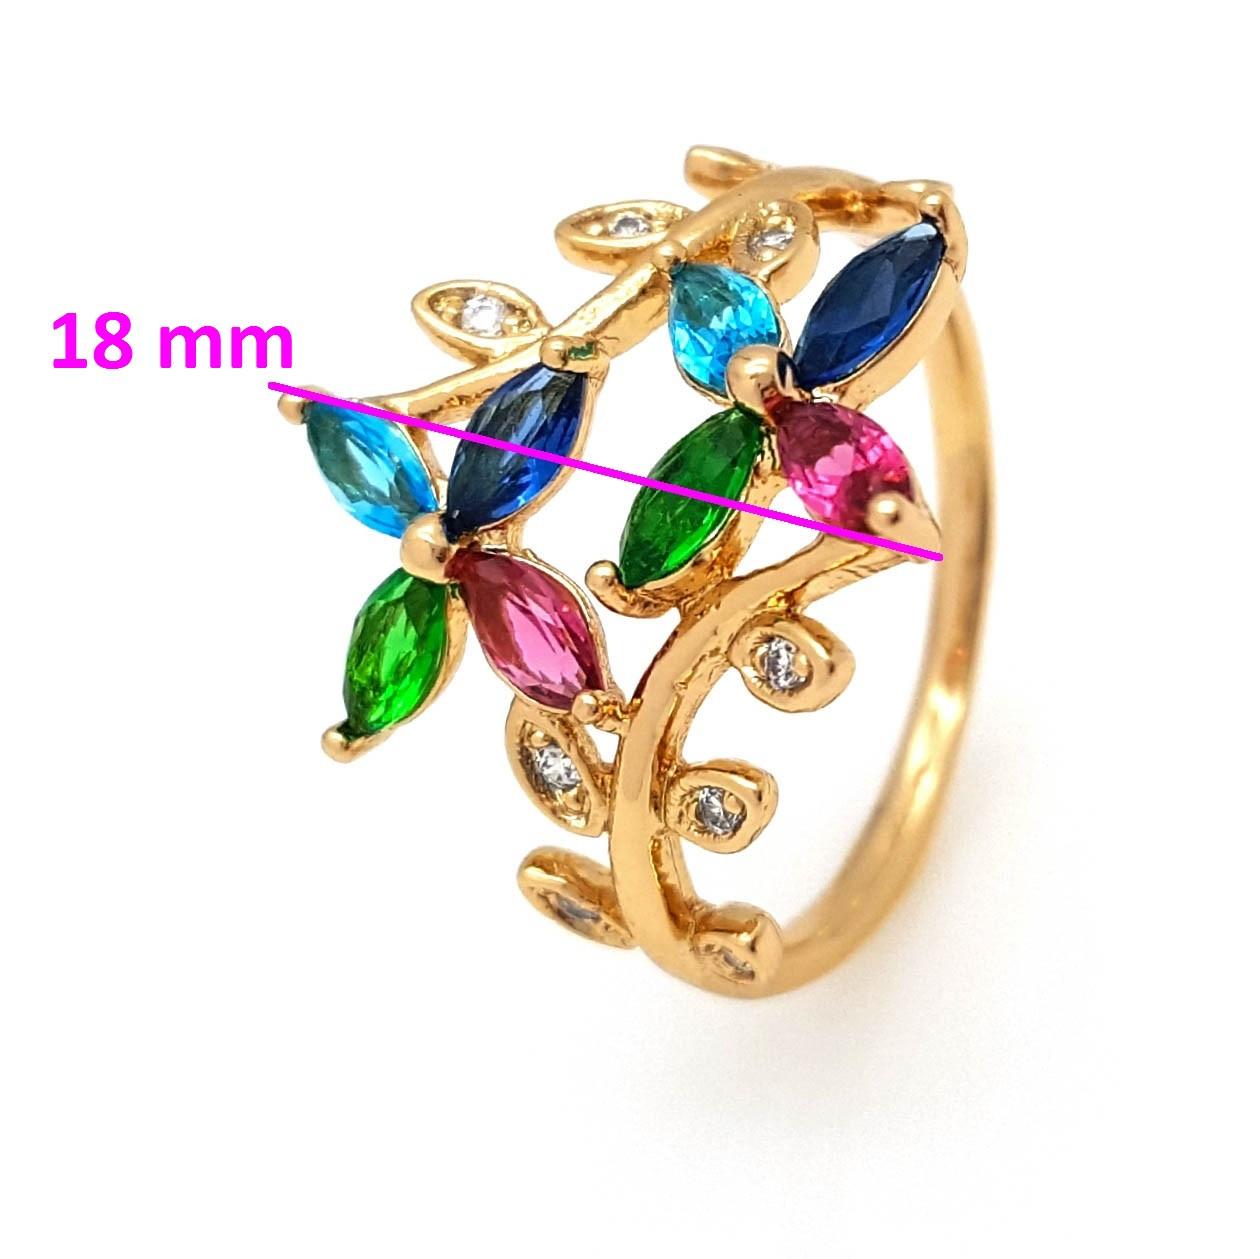 Кольцо Два Цветка, с разноцветным цирконием, р. 18, р. 18,5, медзолото Xuping 18К